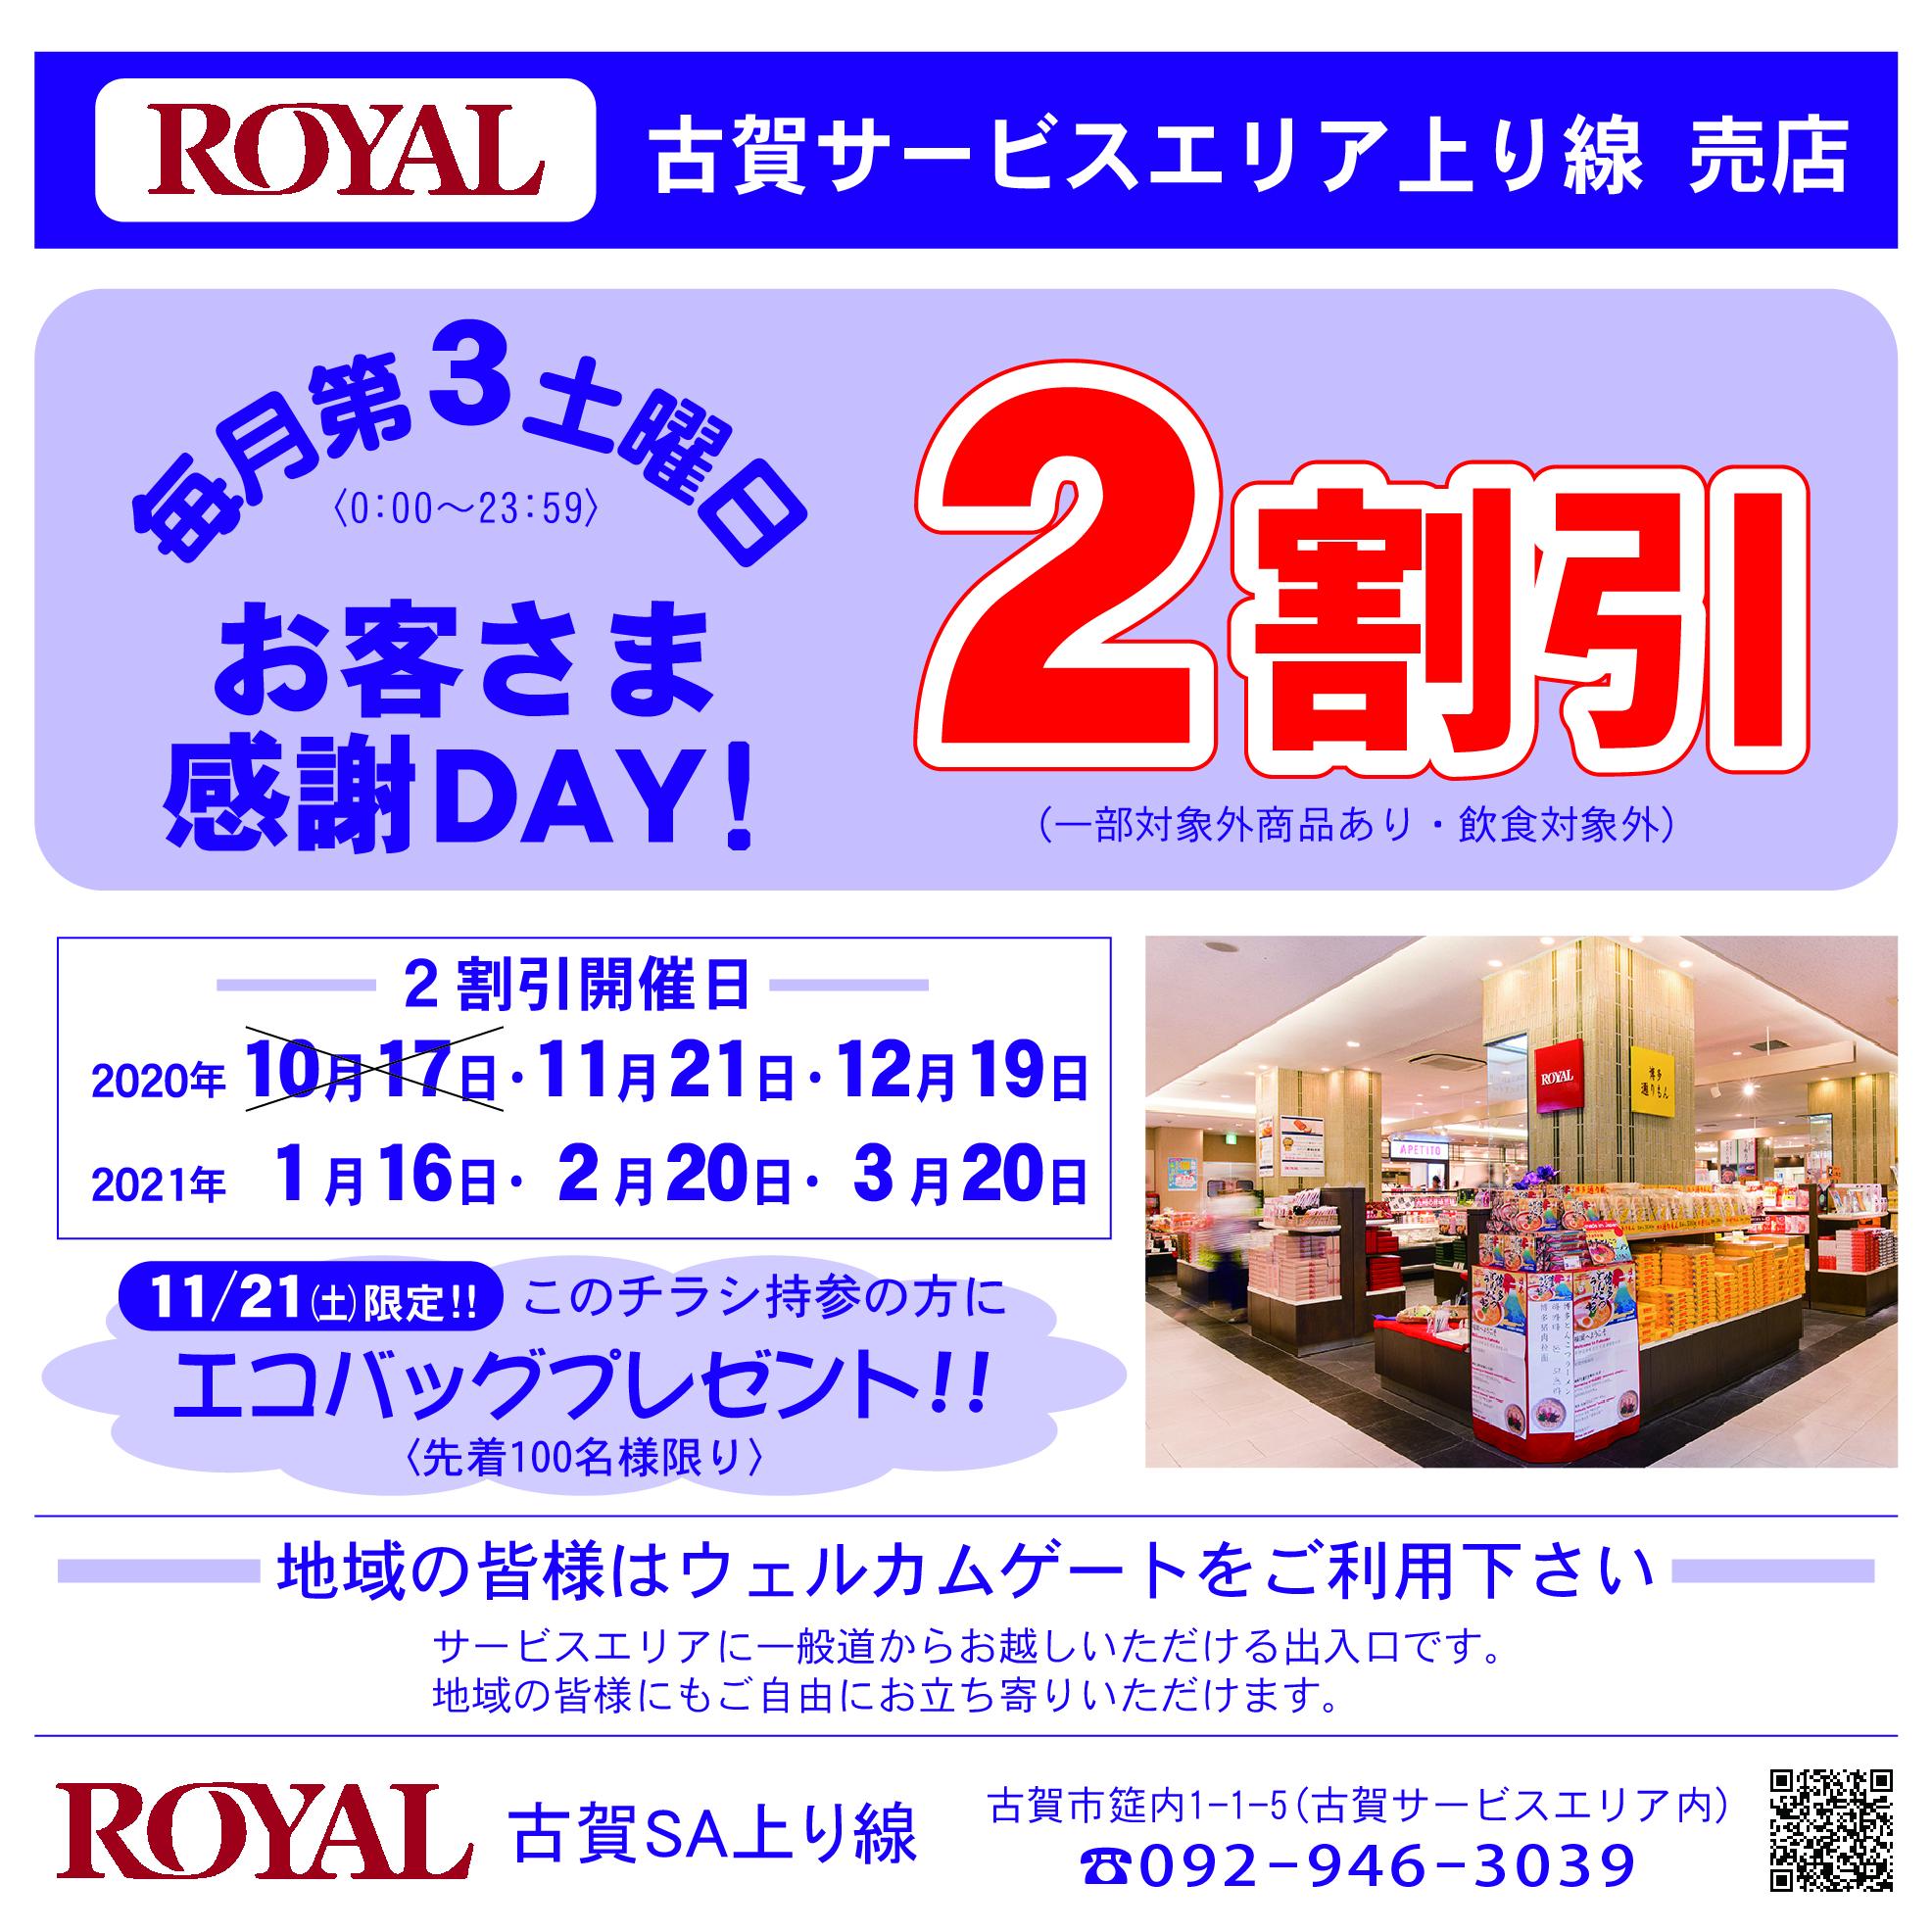 ロイヤル古賀サービスエリア店11-15